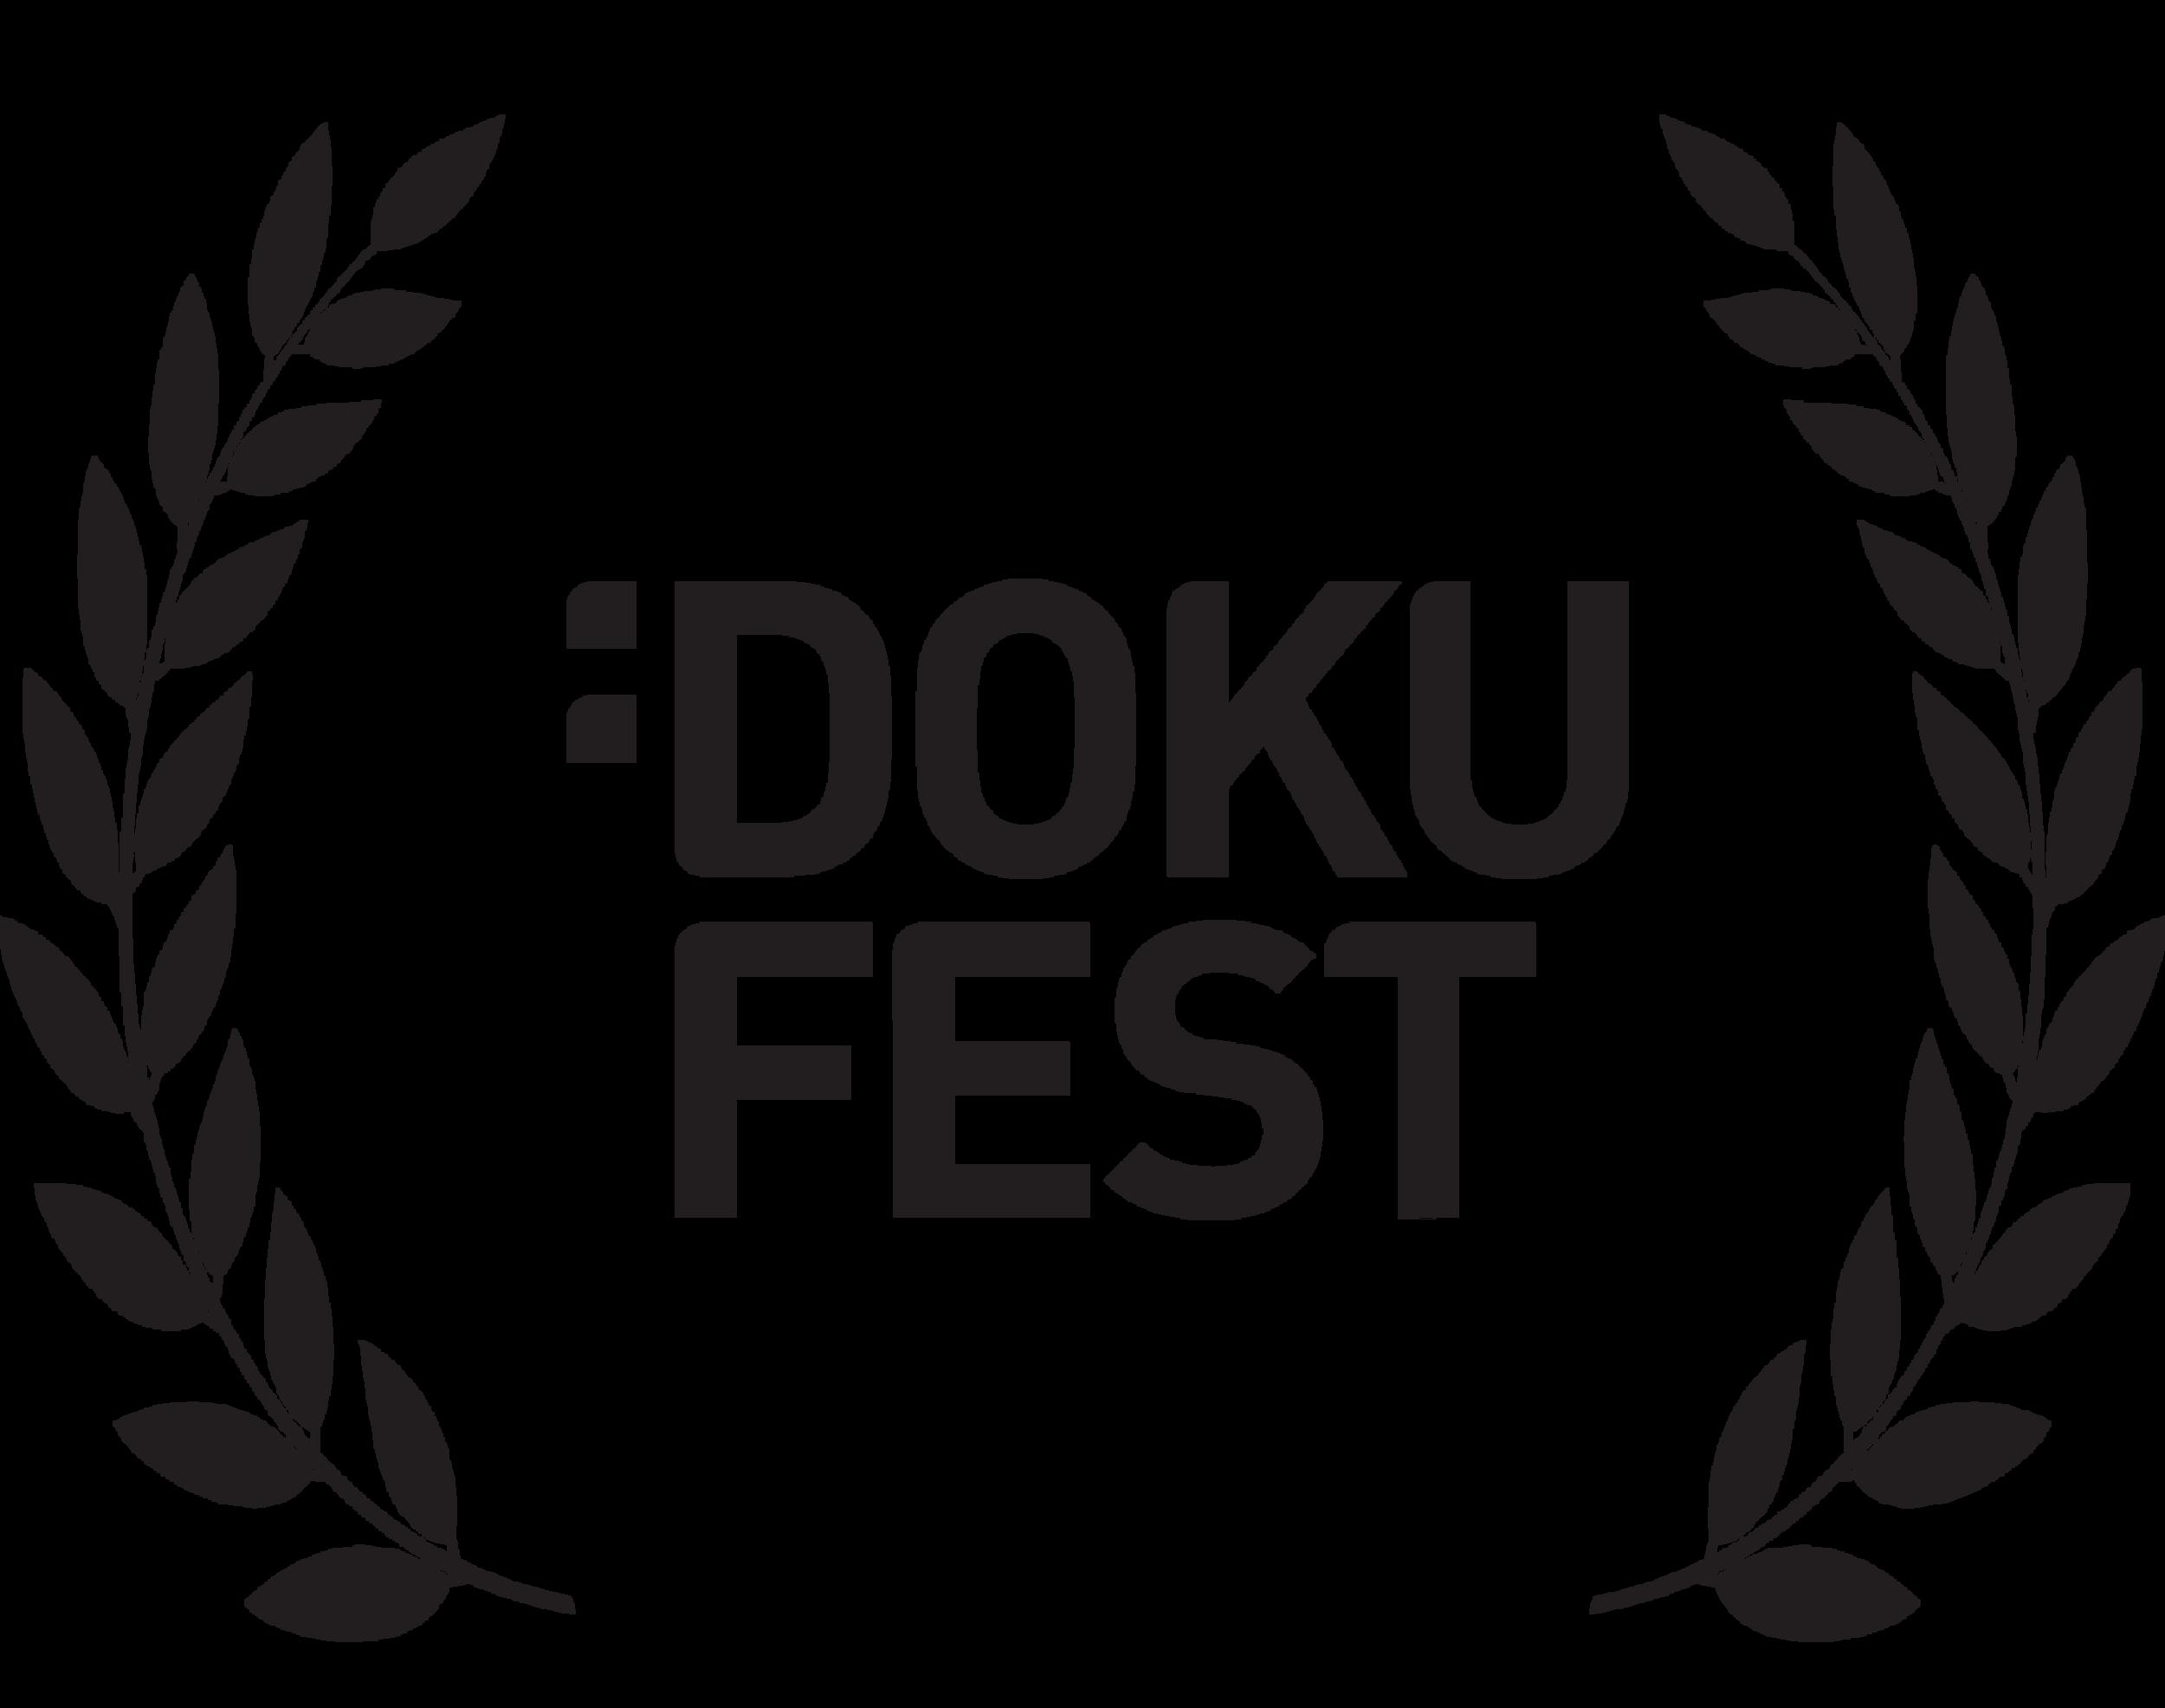 DokuFest_laurel.png